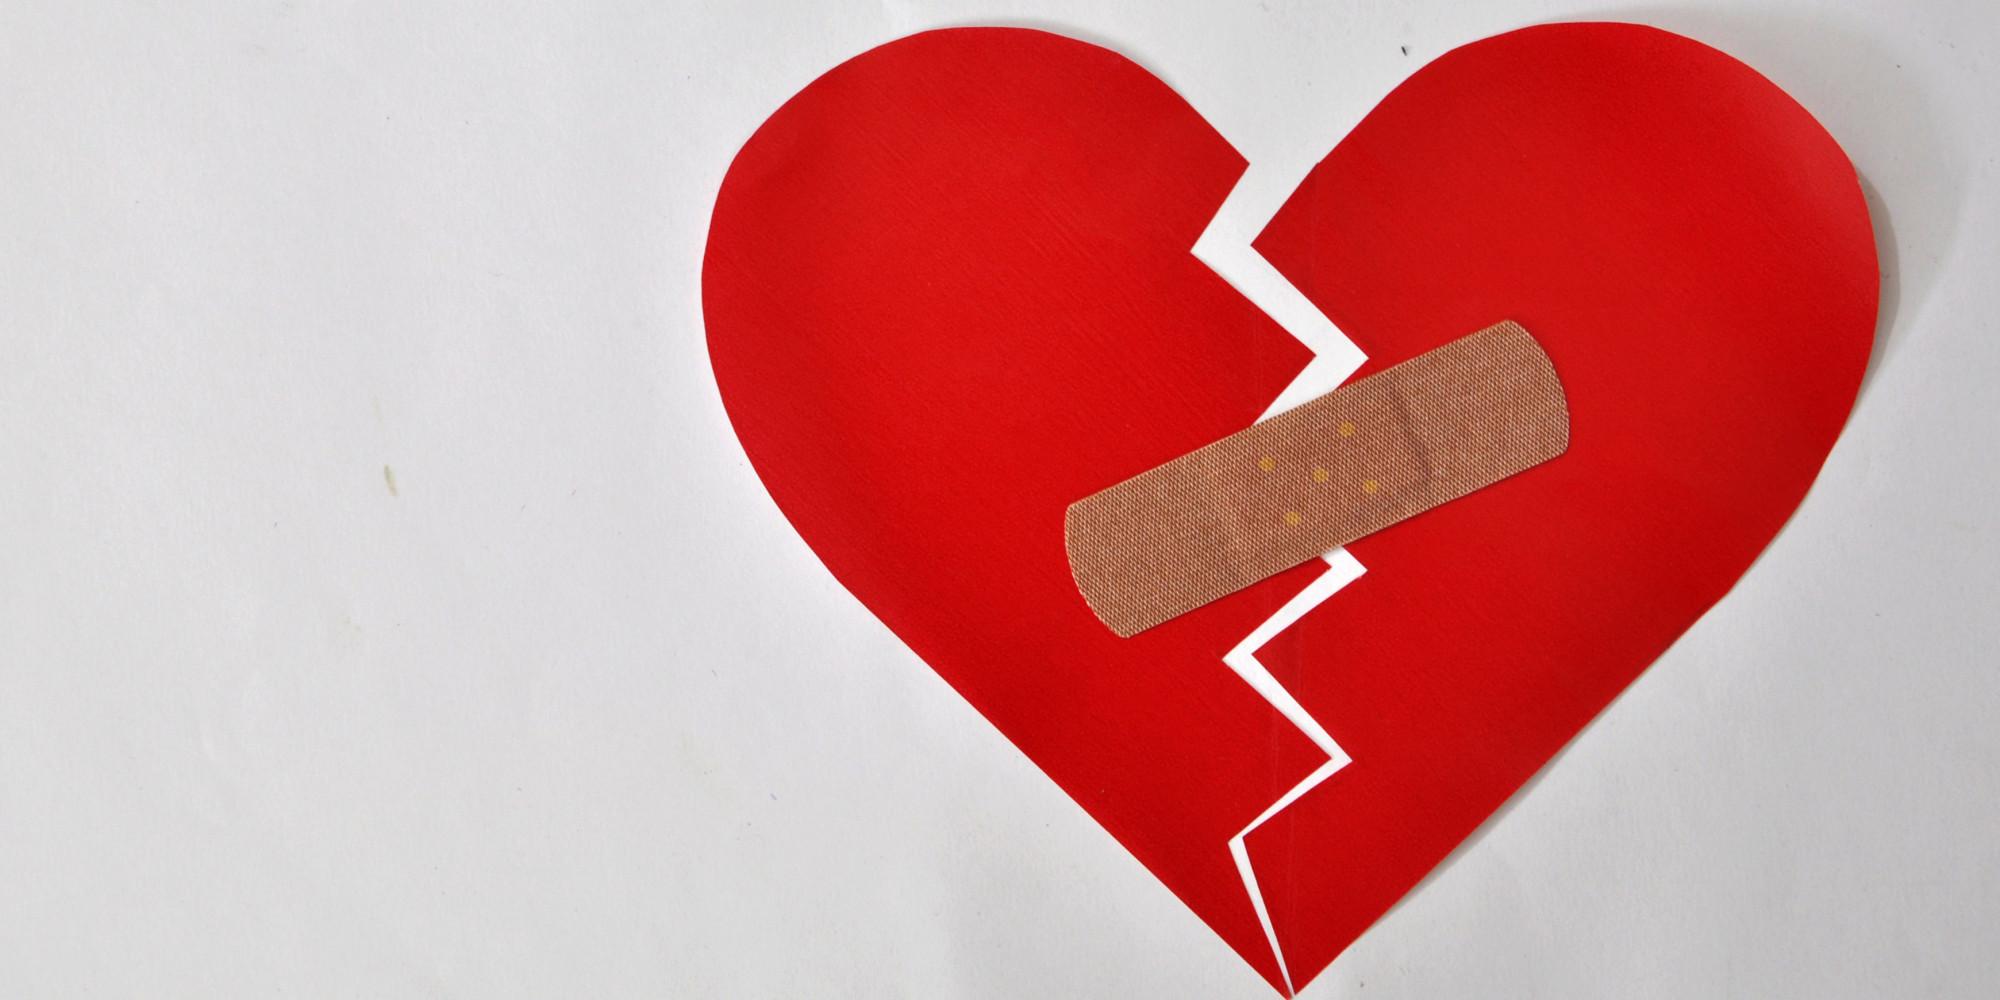 Patron saint of healing broken hearts